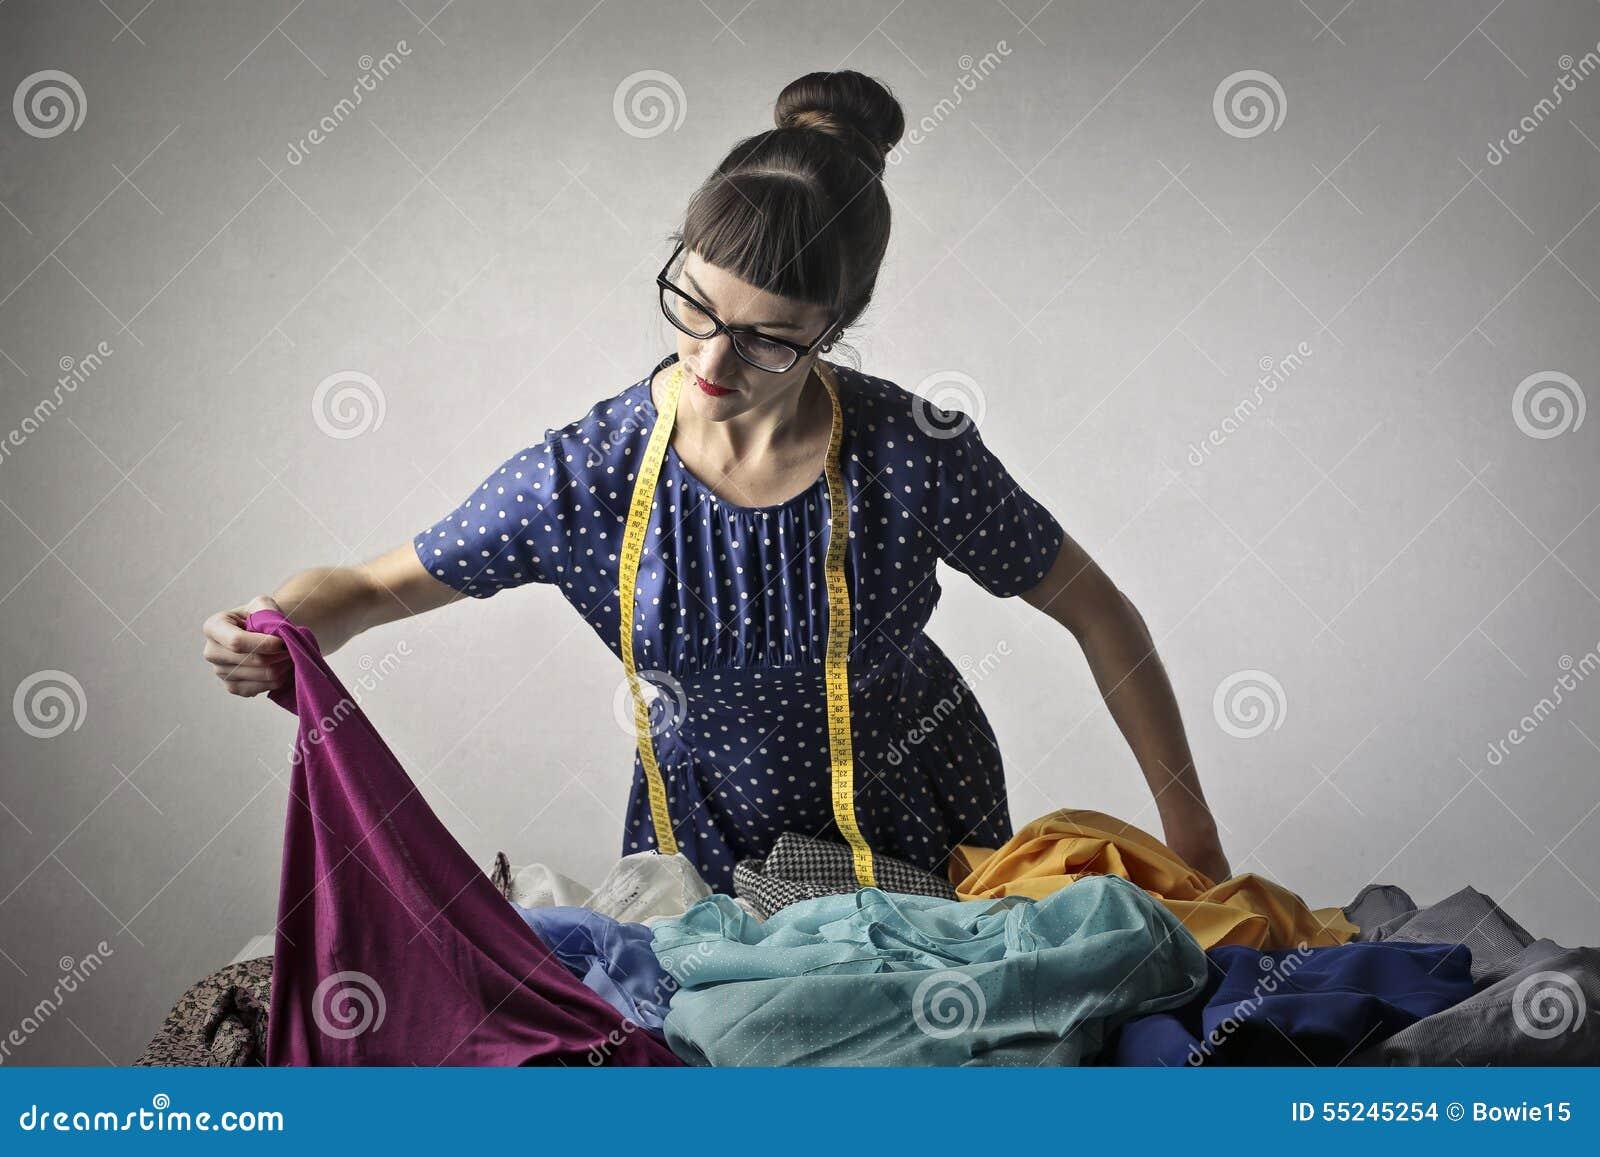 Maßgeschneiderte Kleidung